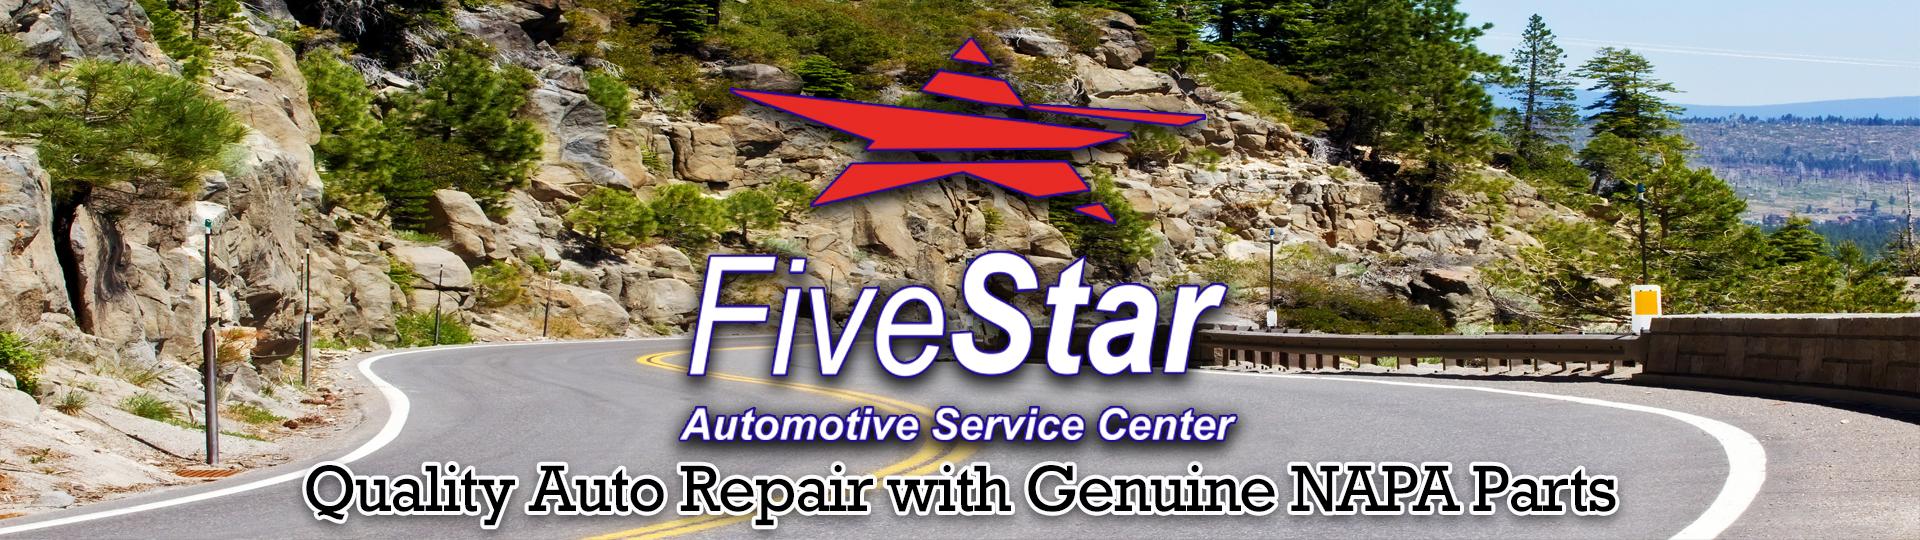 Five Star Automotive >> Five Star Automotive Napa Service Center Call 858 679 2209 13508